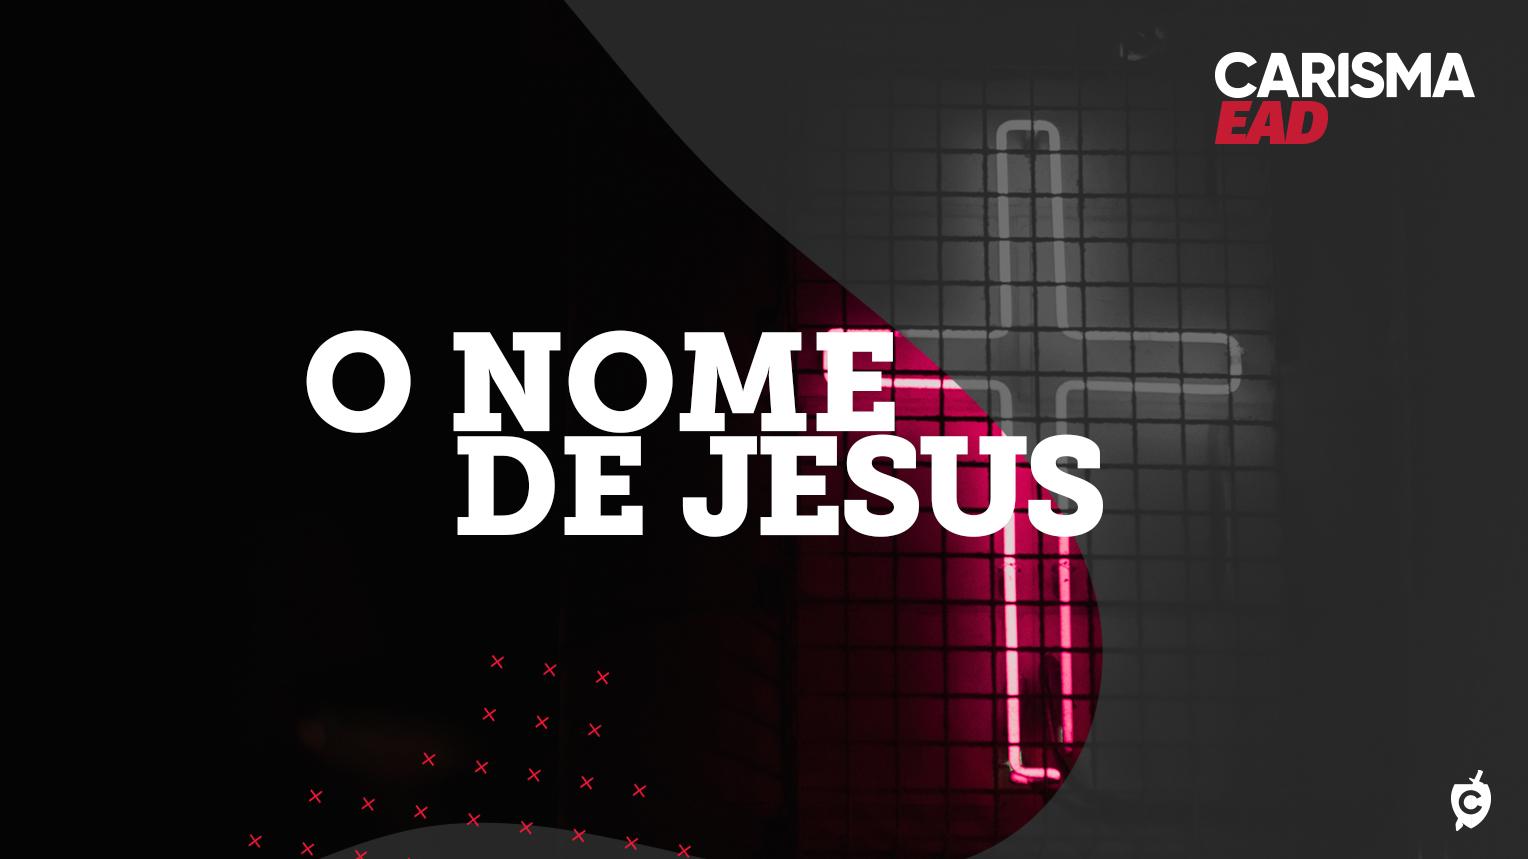 O nome de jesus 960x540